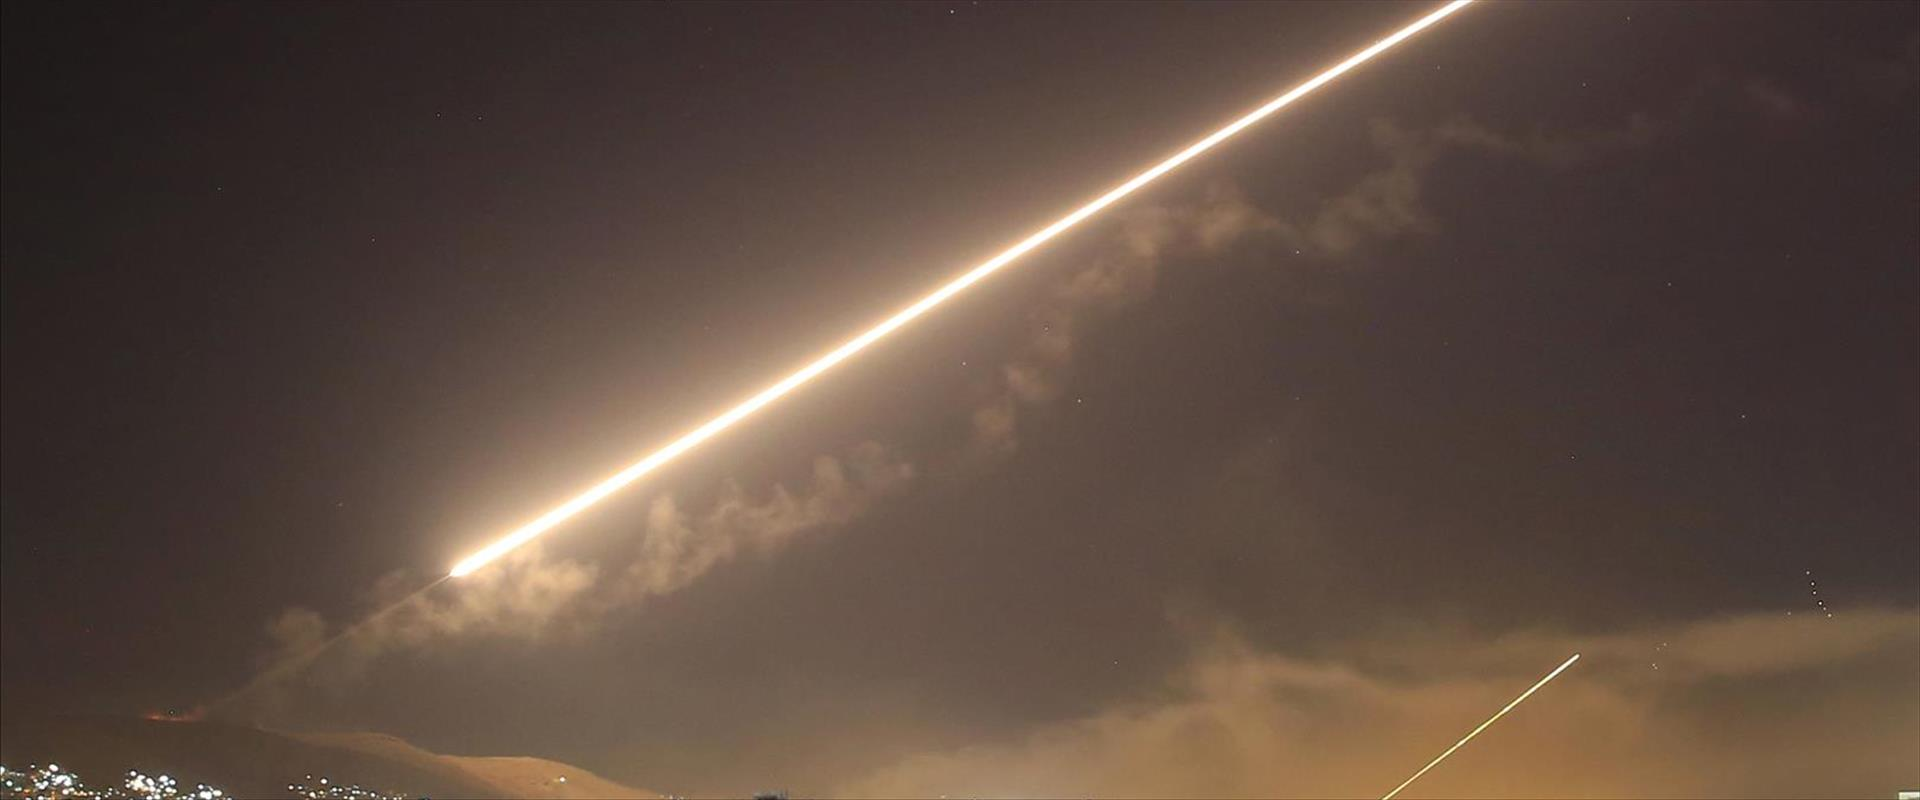 תקיפה בשמי דמשק, ארכיון